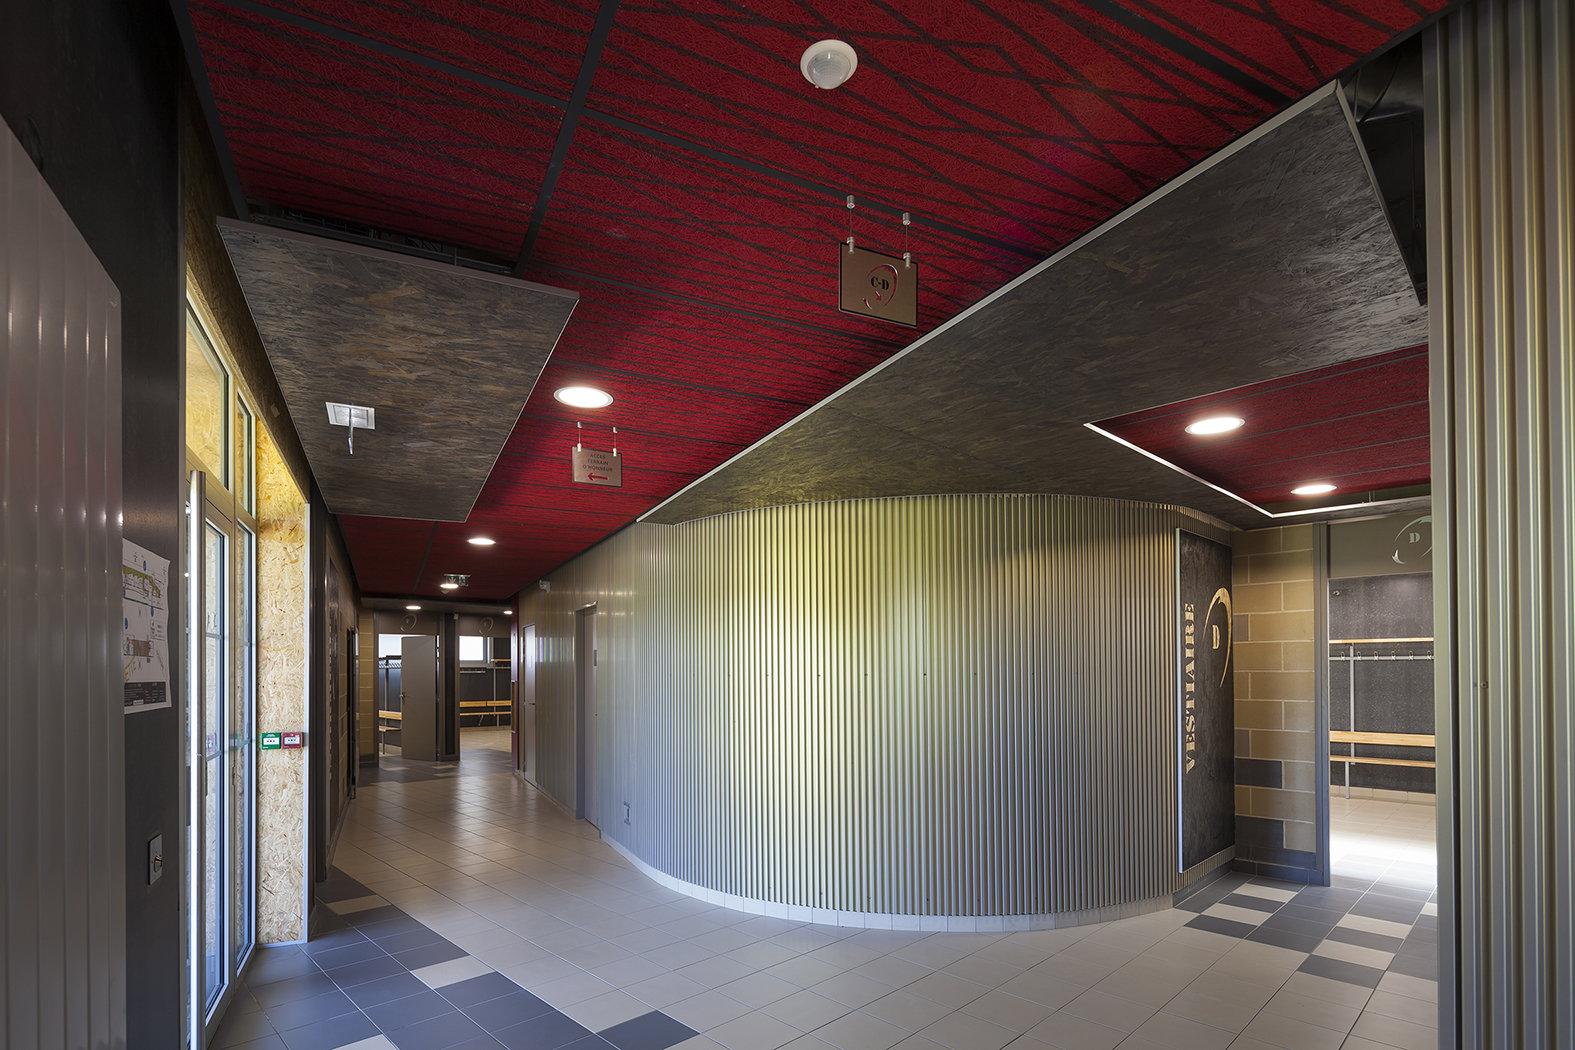 Vestiaires et Club house Stade THERY - Villeneuve d'Ascq 59 - Organic Creative (10)